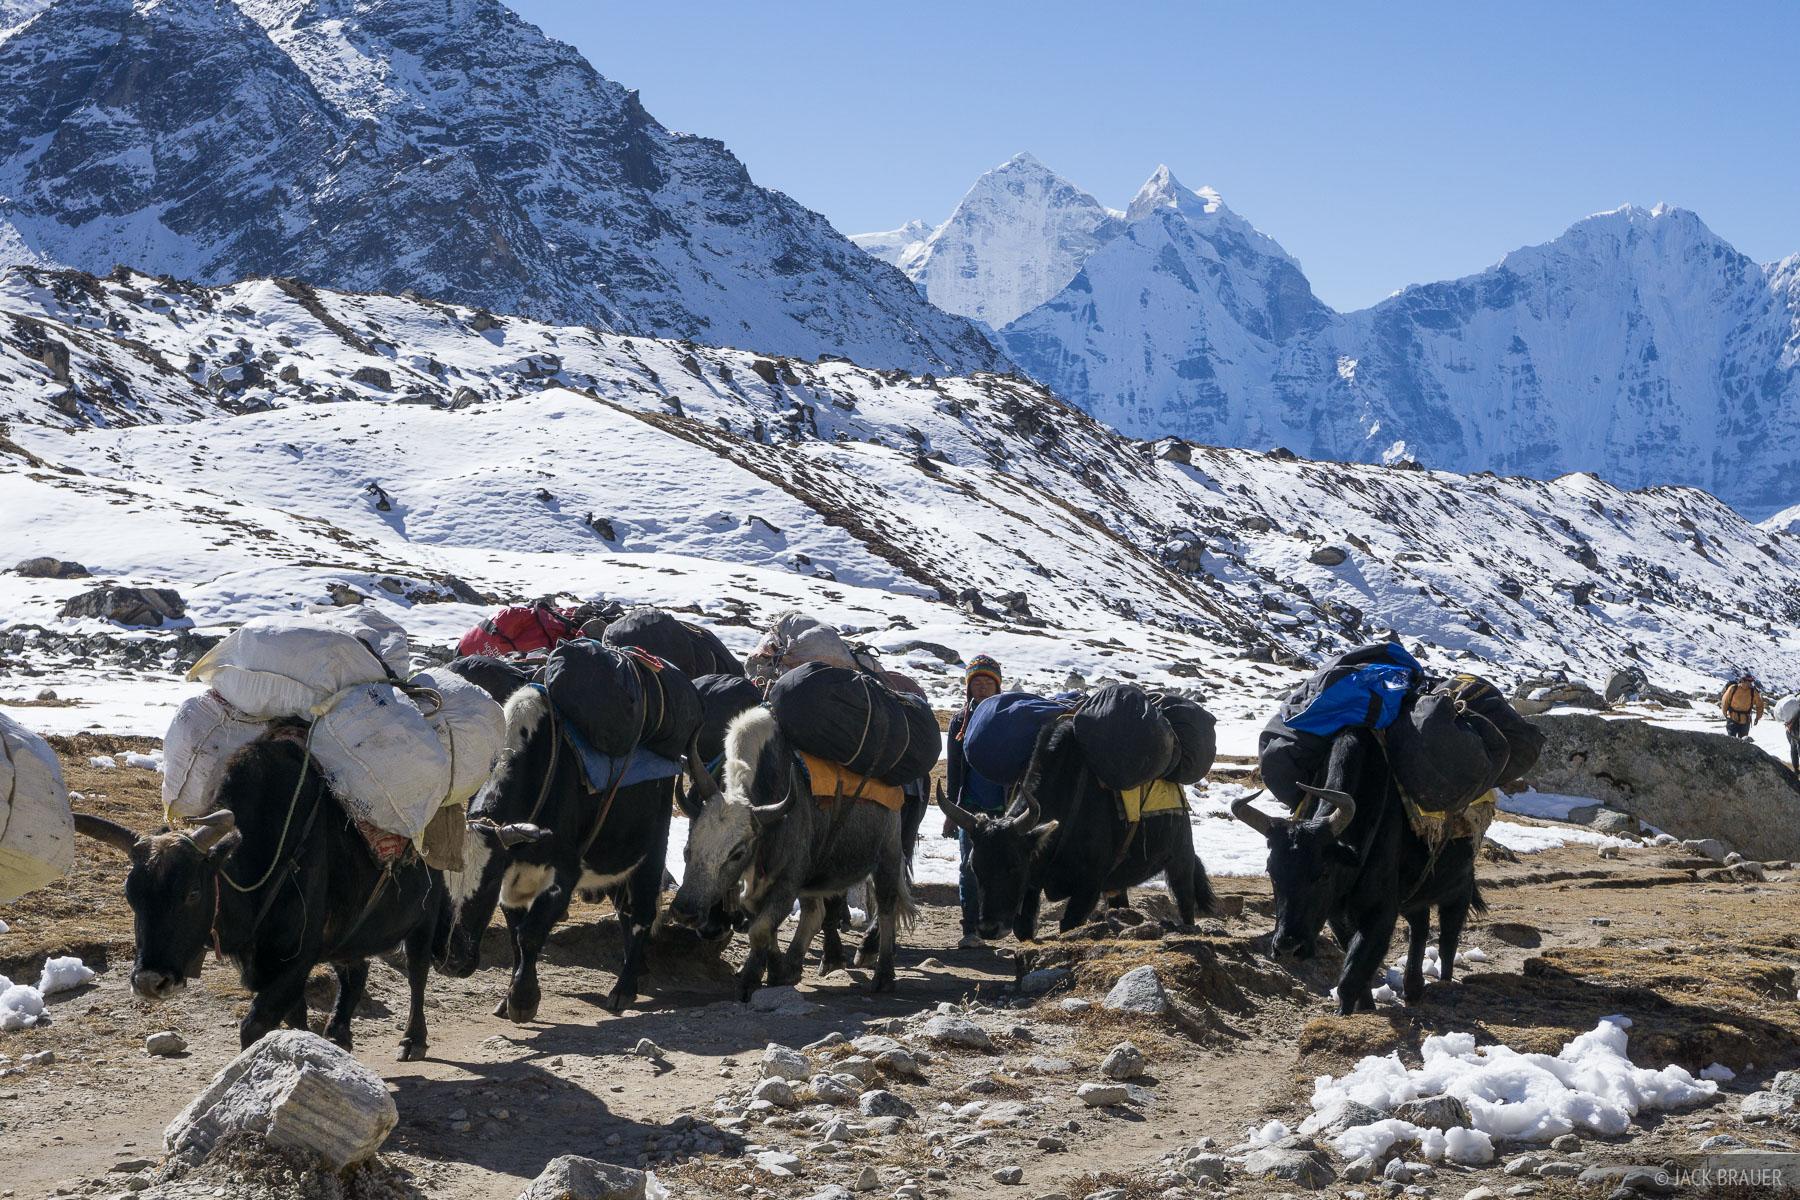 Himalaya,Khumbu,Nepal,yak, photo